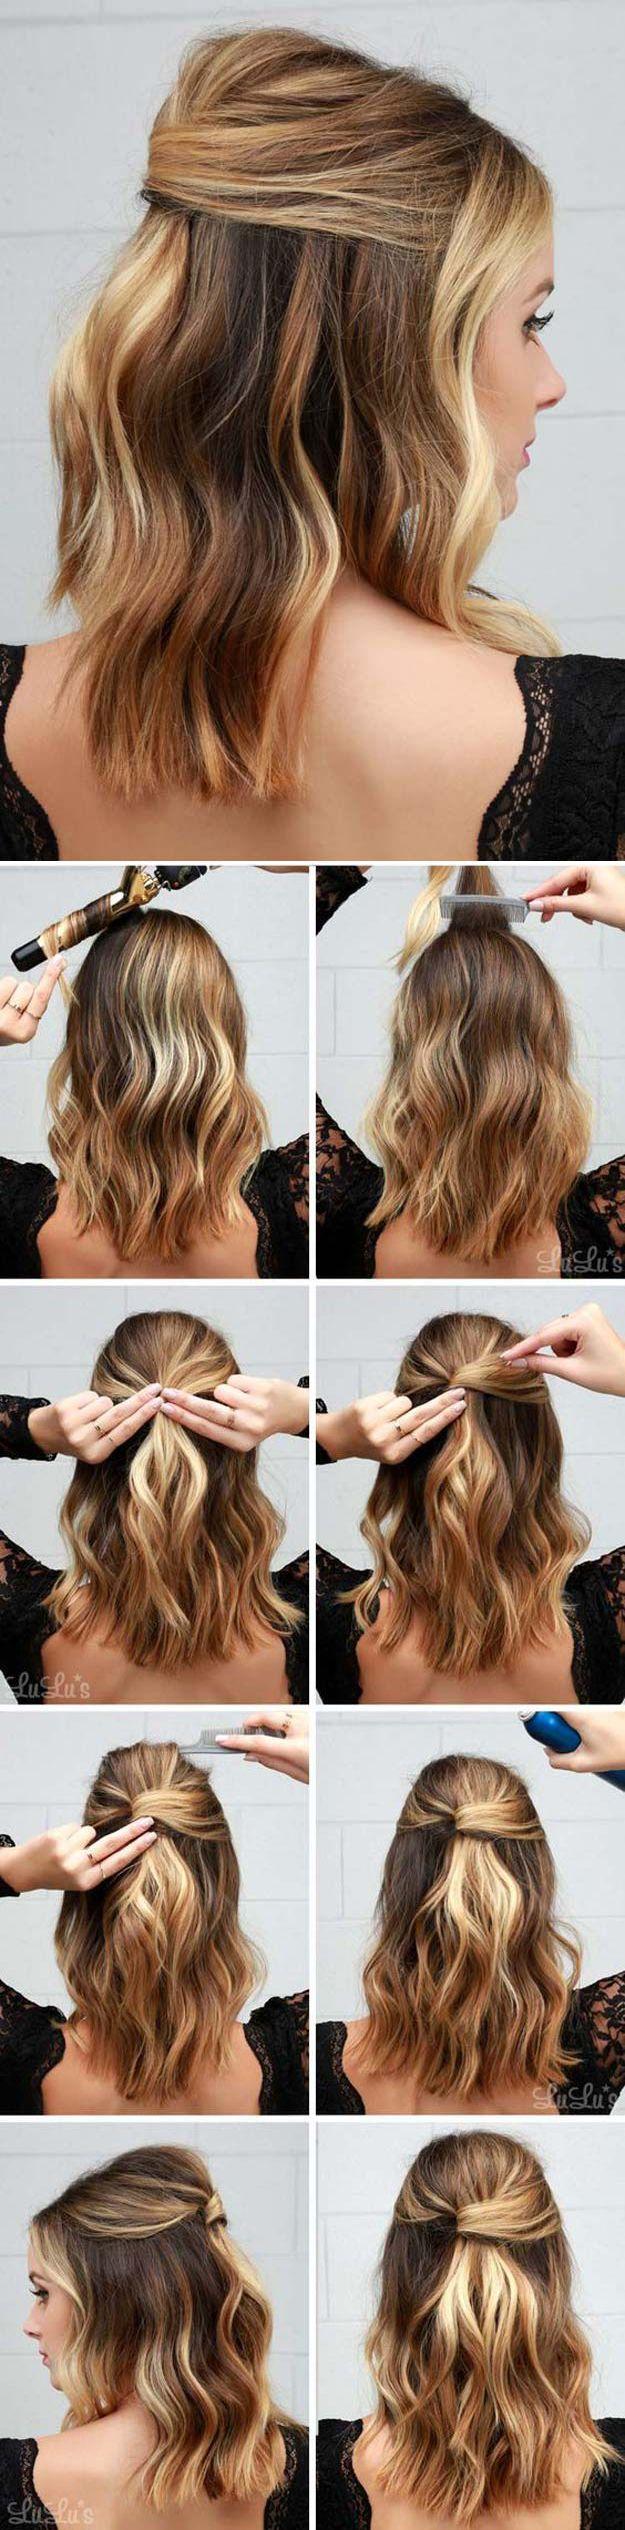 Cómo peinar tu cabello corto para un evento nupcial blog